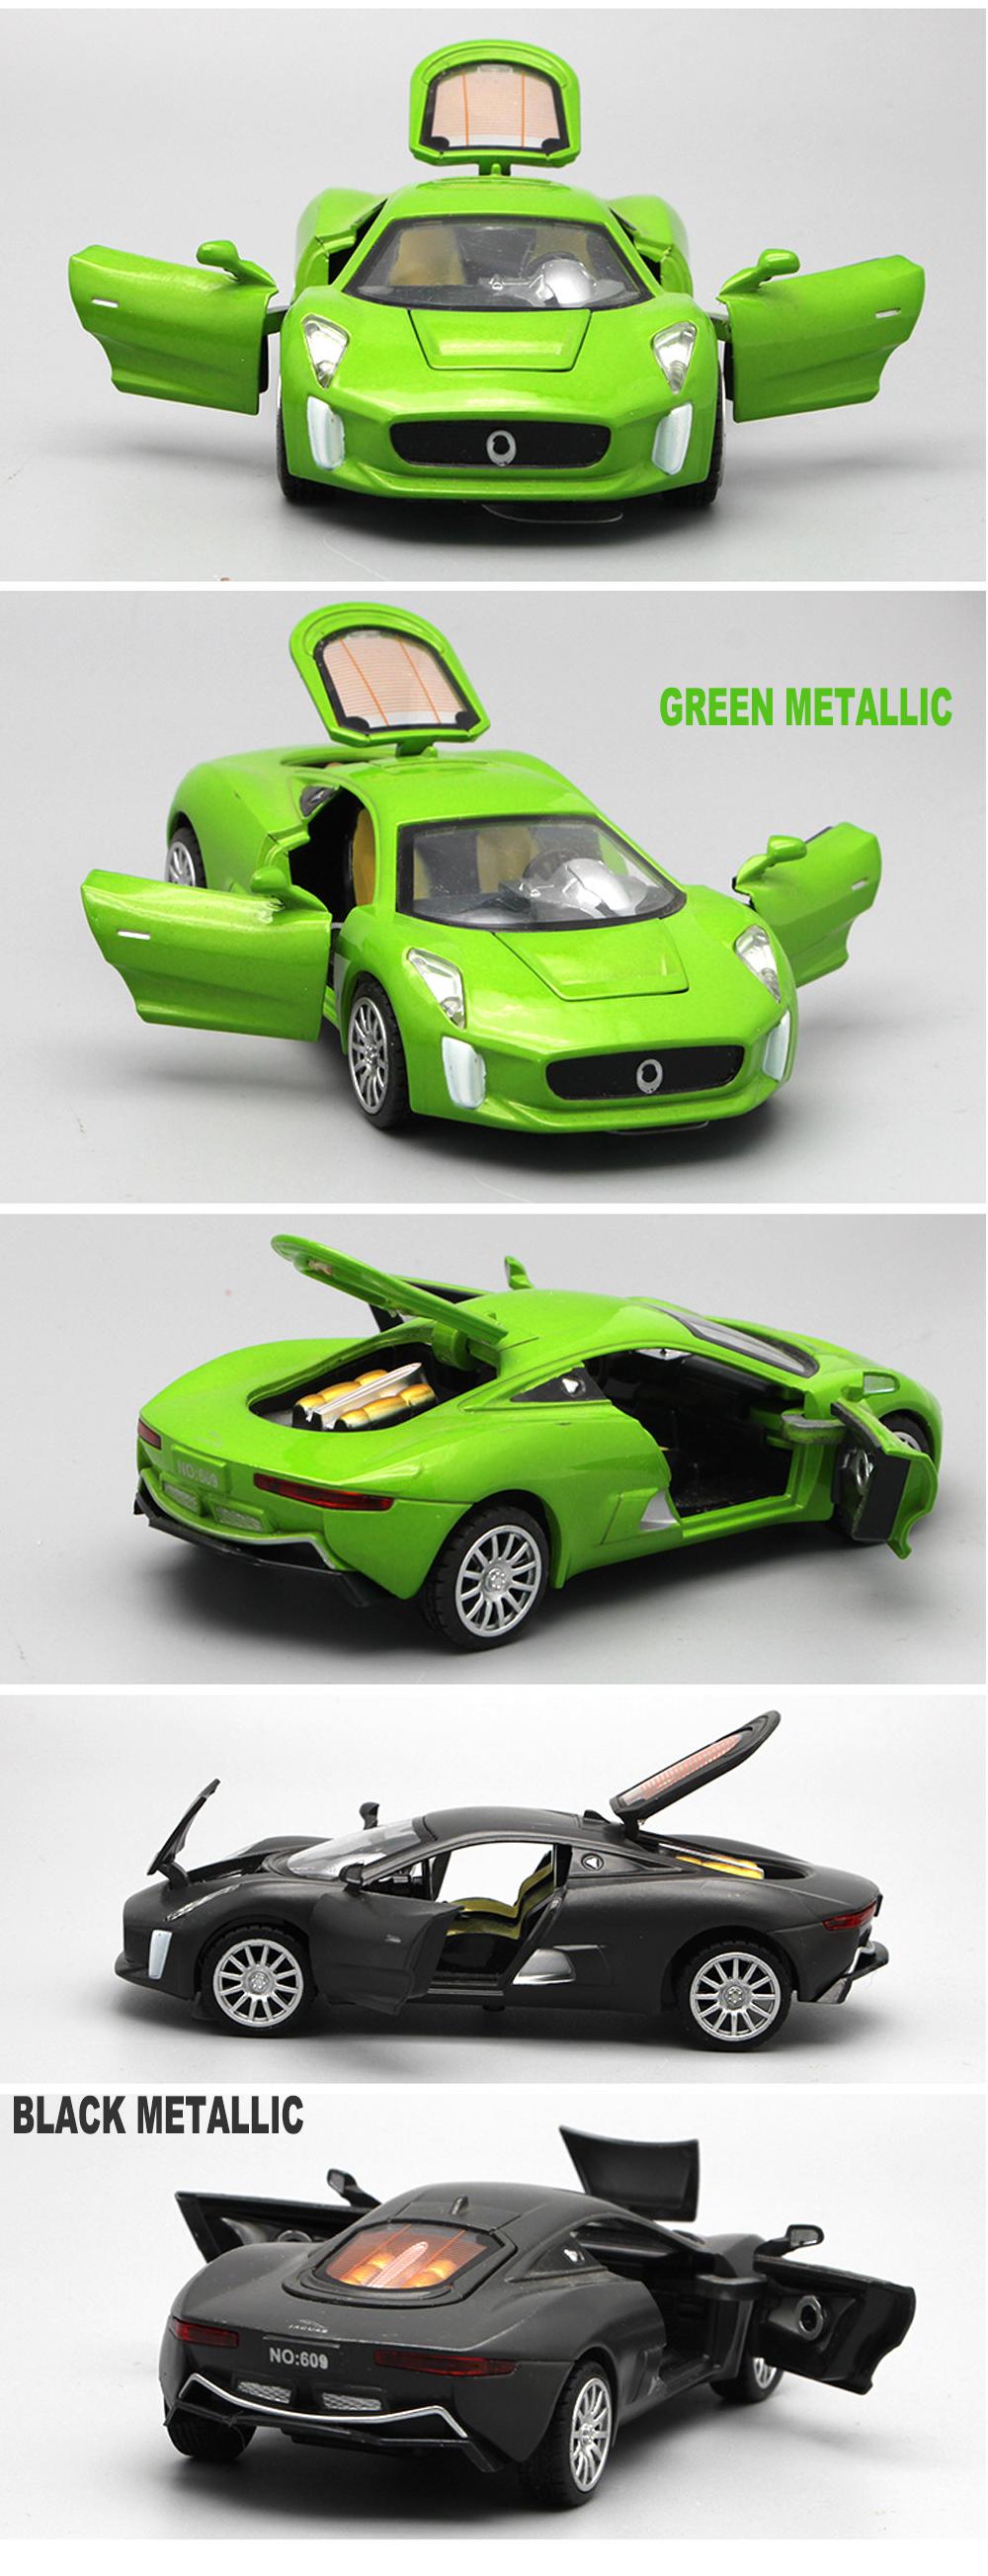 DIECAST-JAGUAR-MODEL-CAR-TOY-REPLICA_METAL